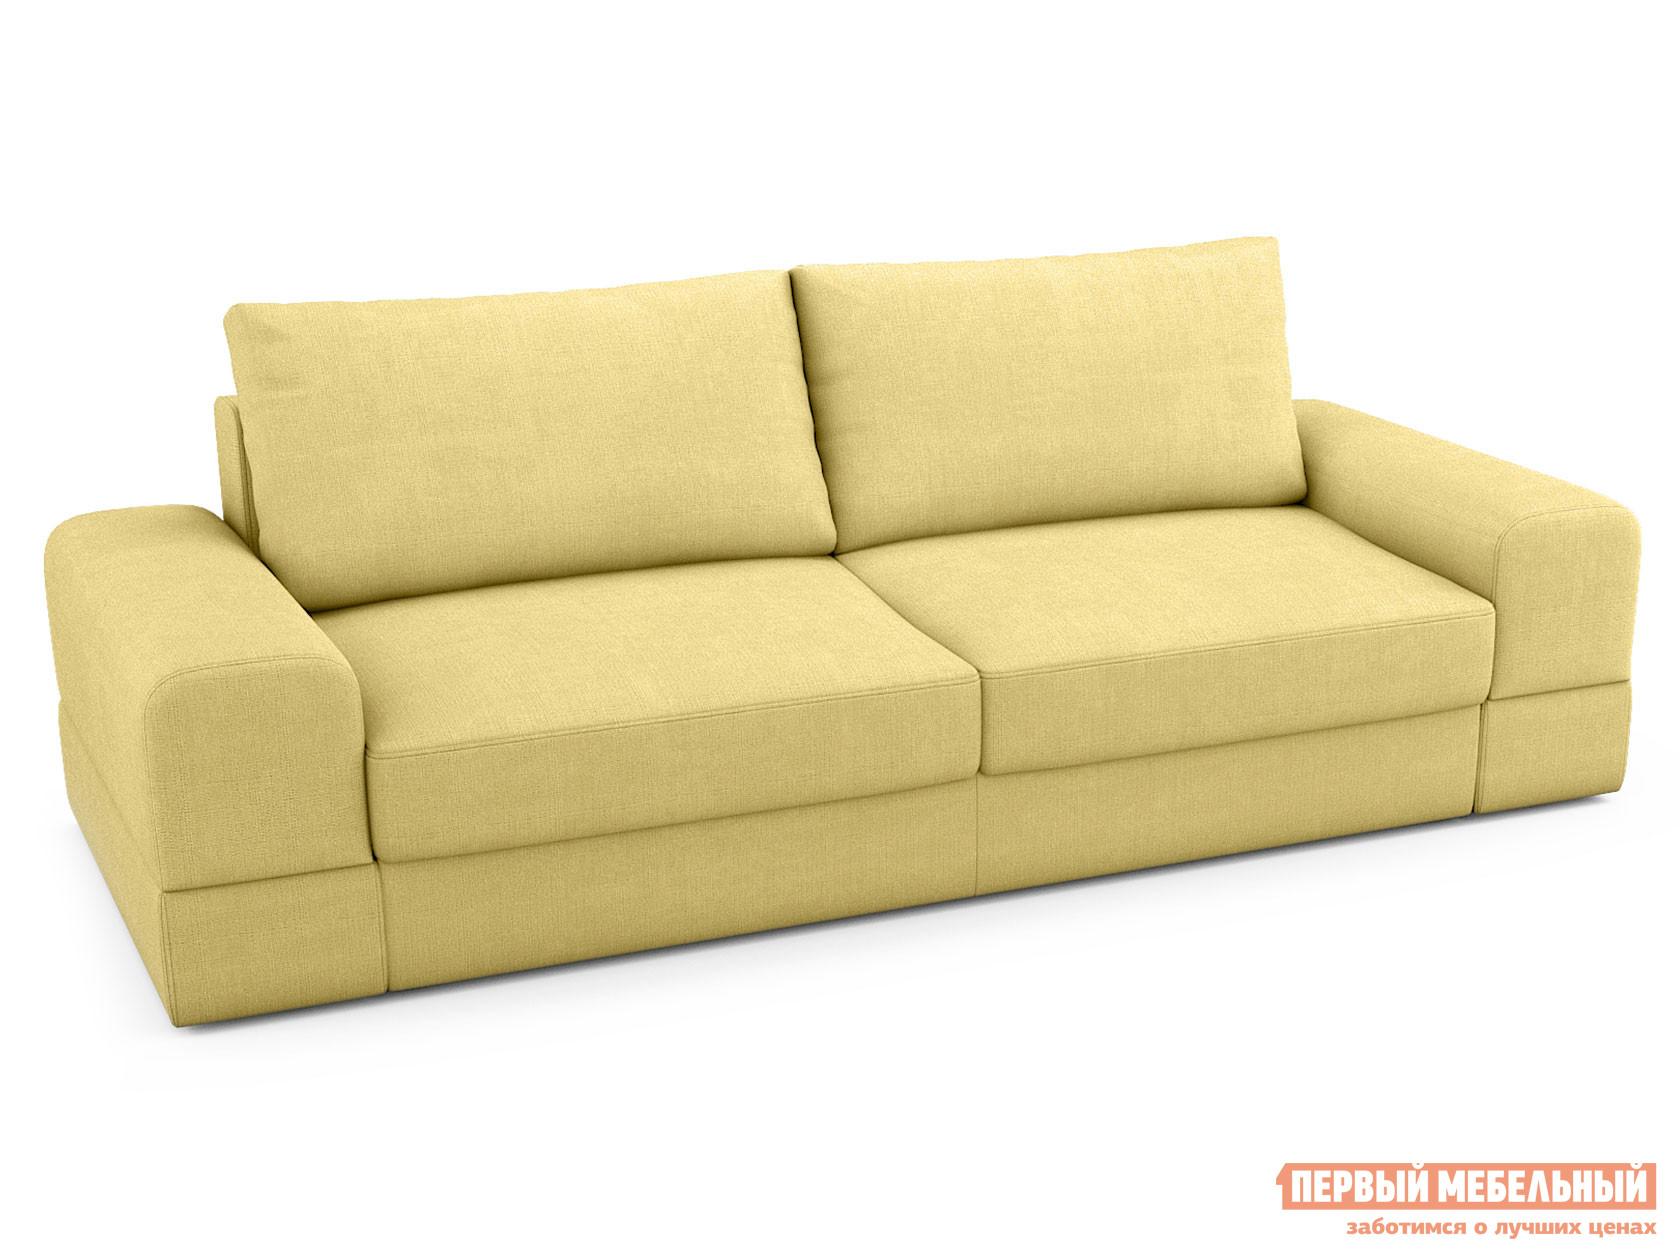 Прямой диван Первый Мебельный Прямой диван Эдинбург